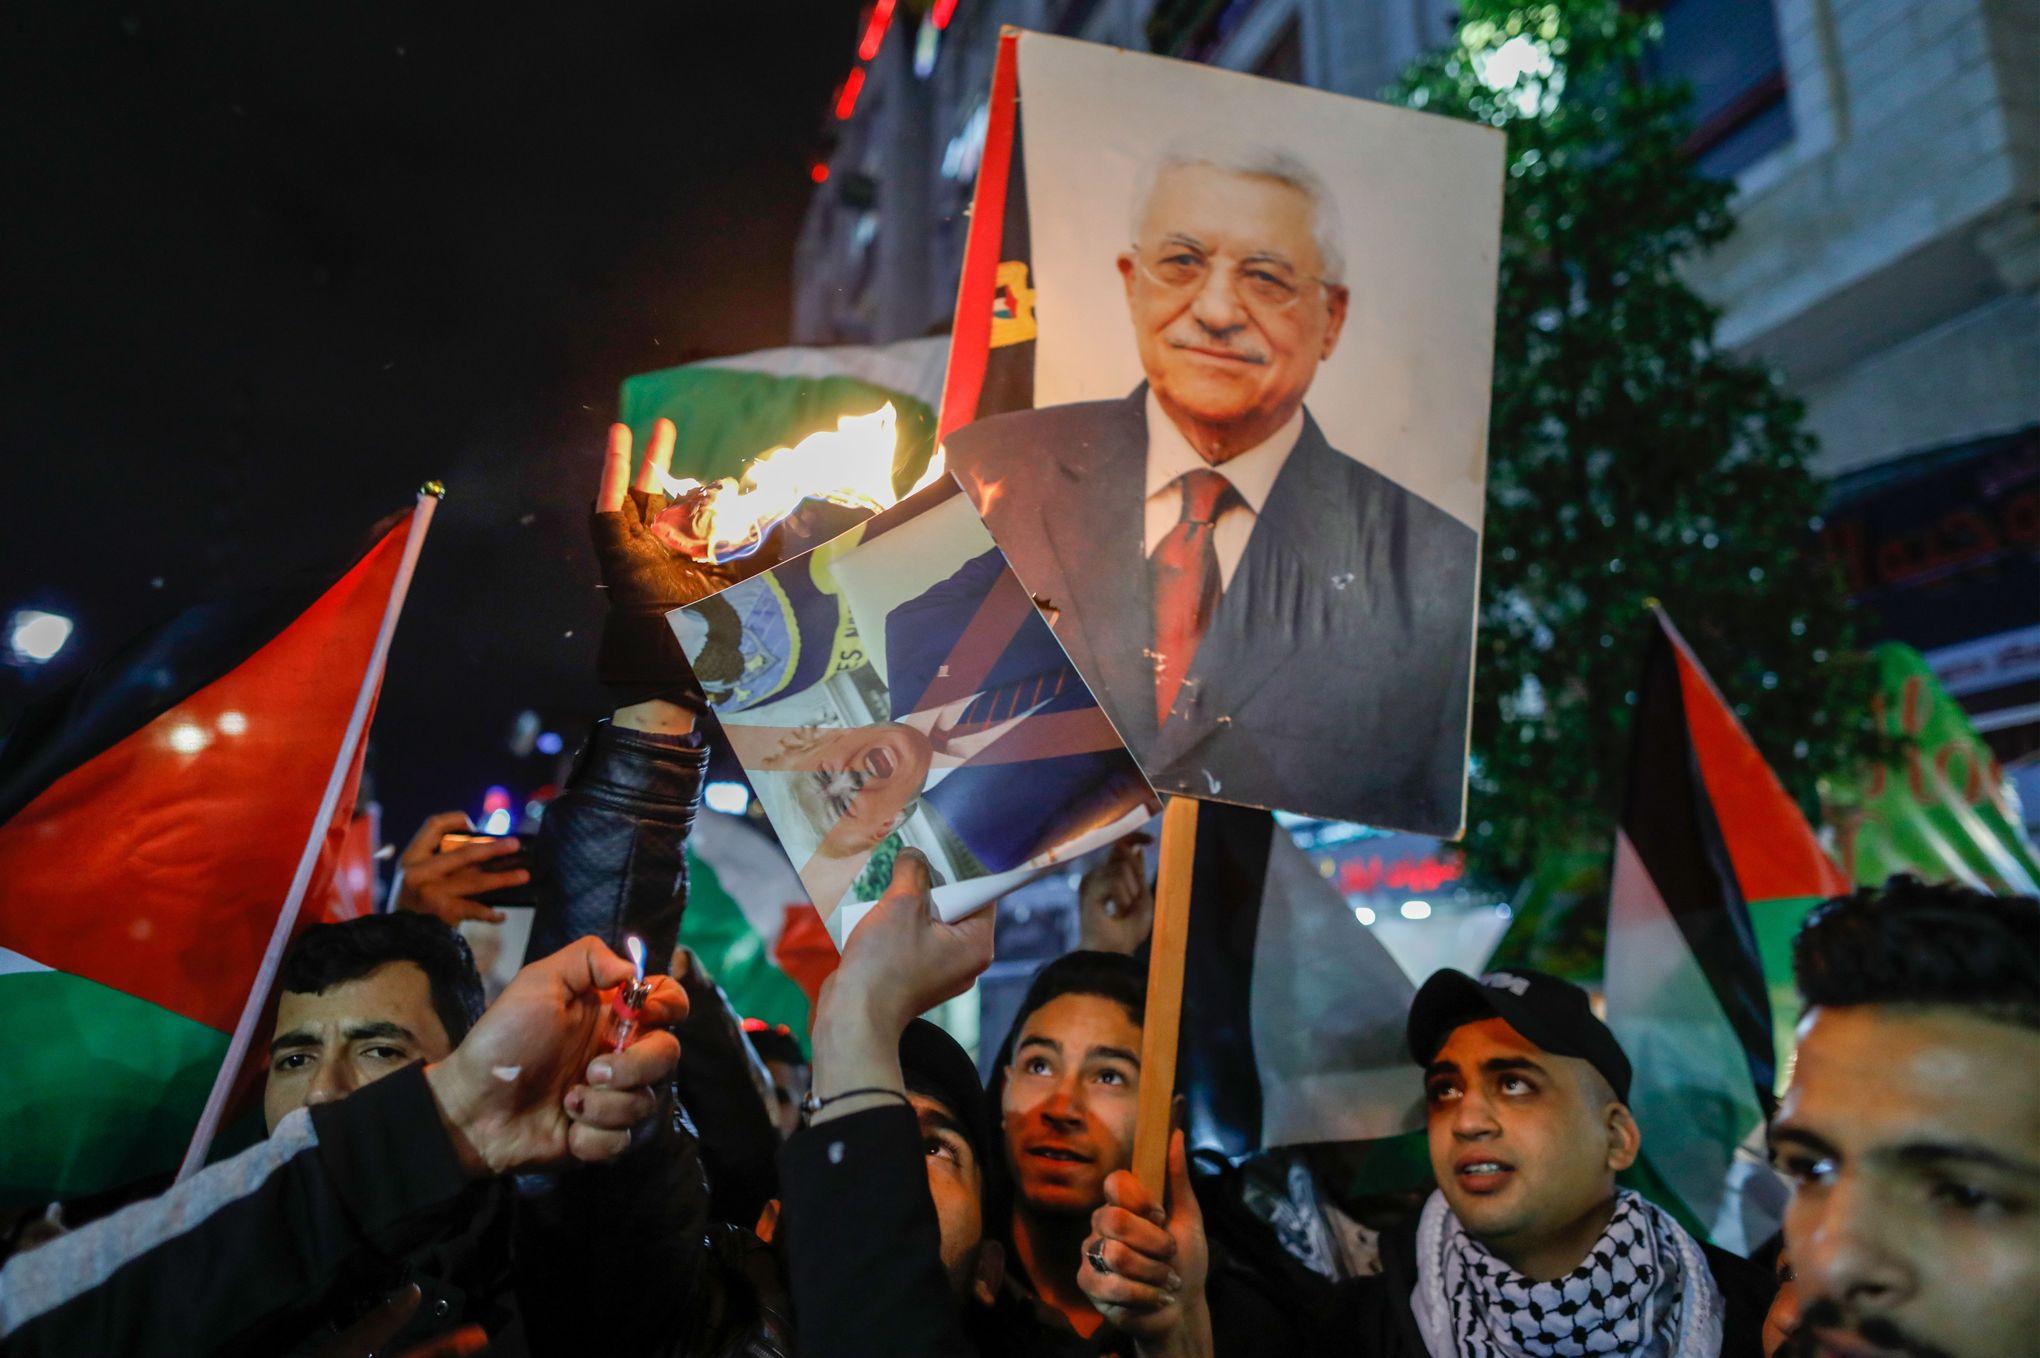 Le projet américain rapproche les frères ennemis du Hamas et du Fatah